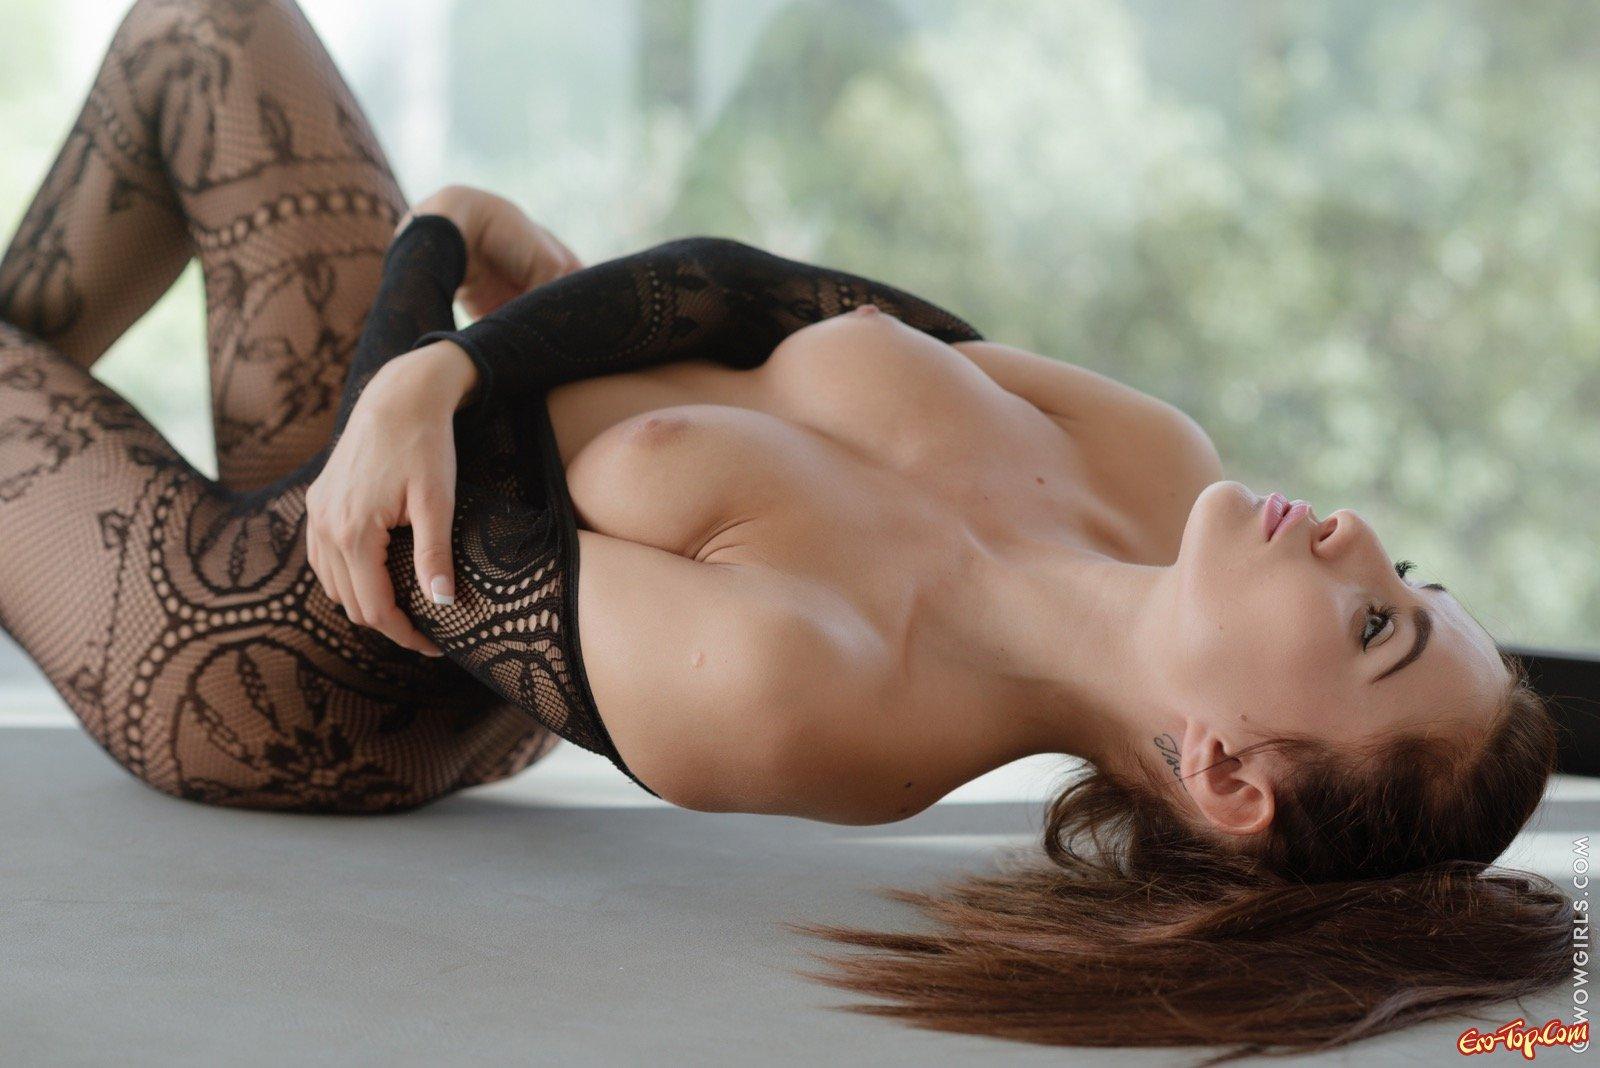 Гибкая девушка в секс комбинезоне позирует на полу